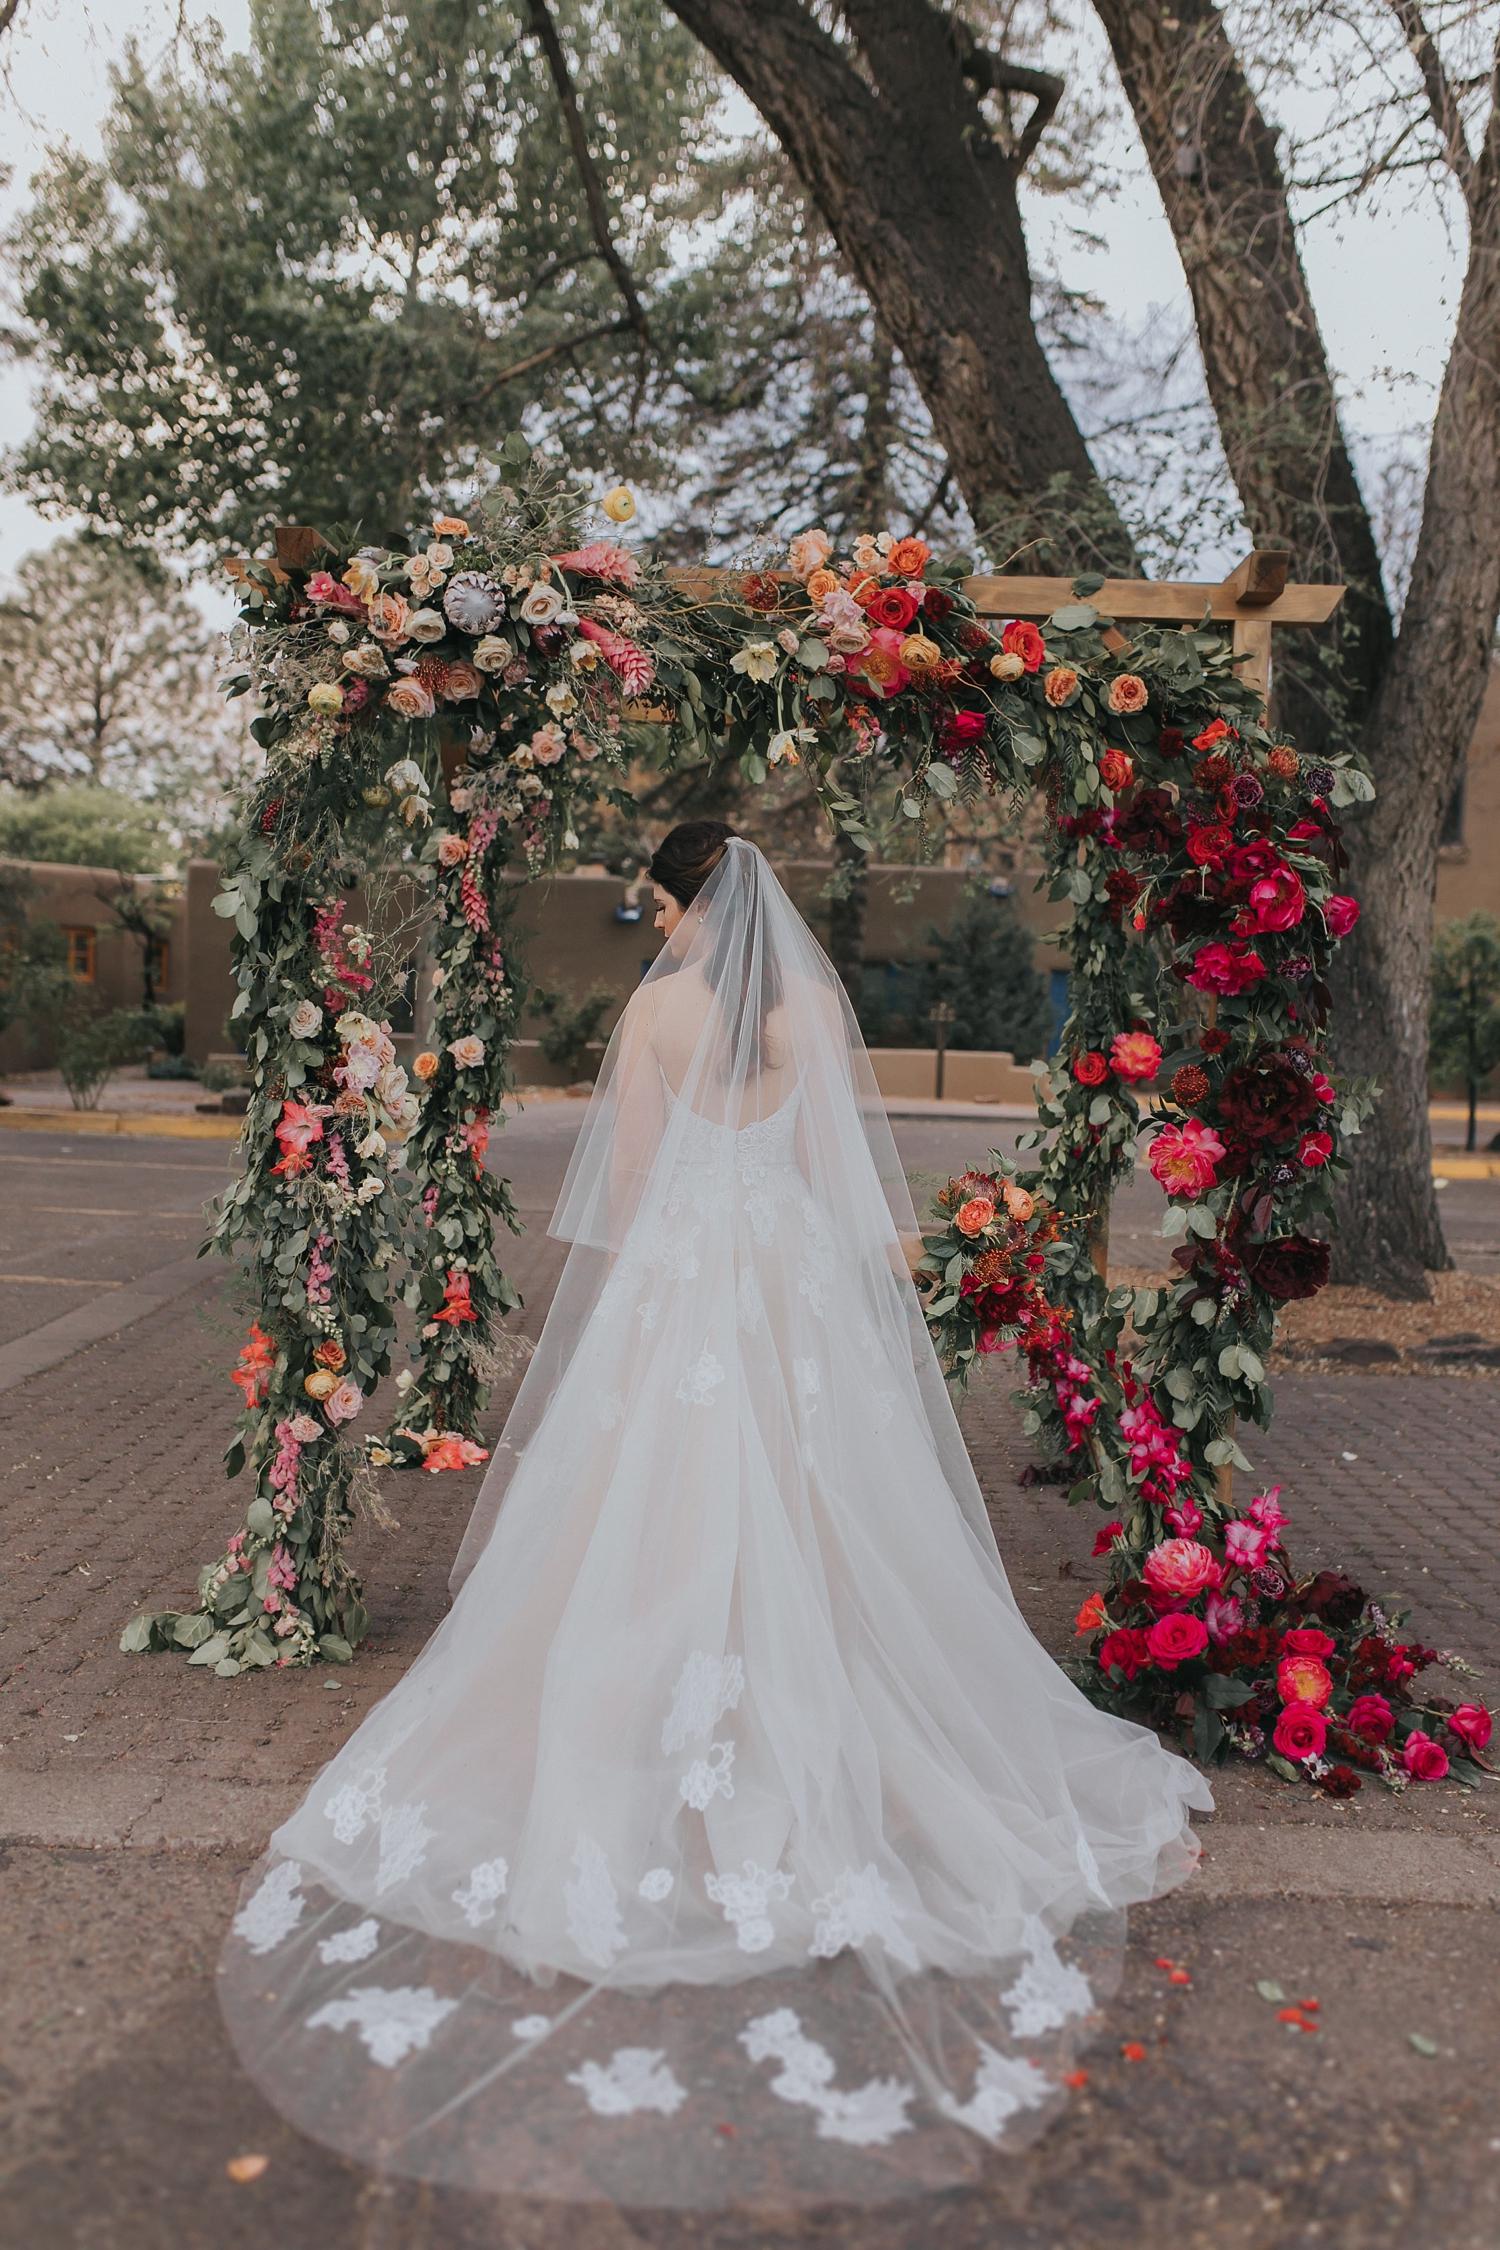 Alicia+lucia+photography+-+albuquerque+wedding+photographer+-+santa+fe+wedding+photography+-+new+mexico+wedding+photographer+-+summer+wedding+gowns+-+summer+wedding+style_0039.jpg